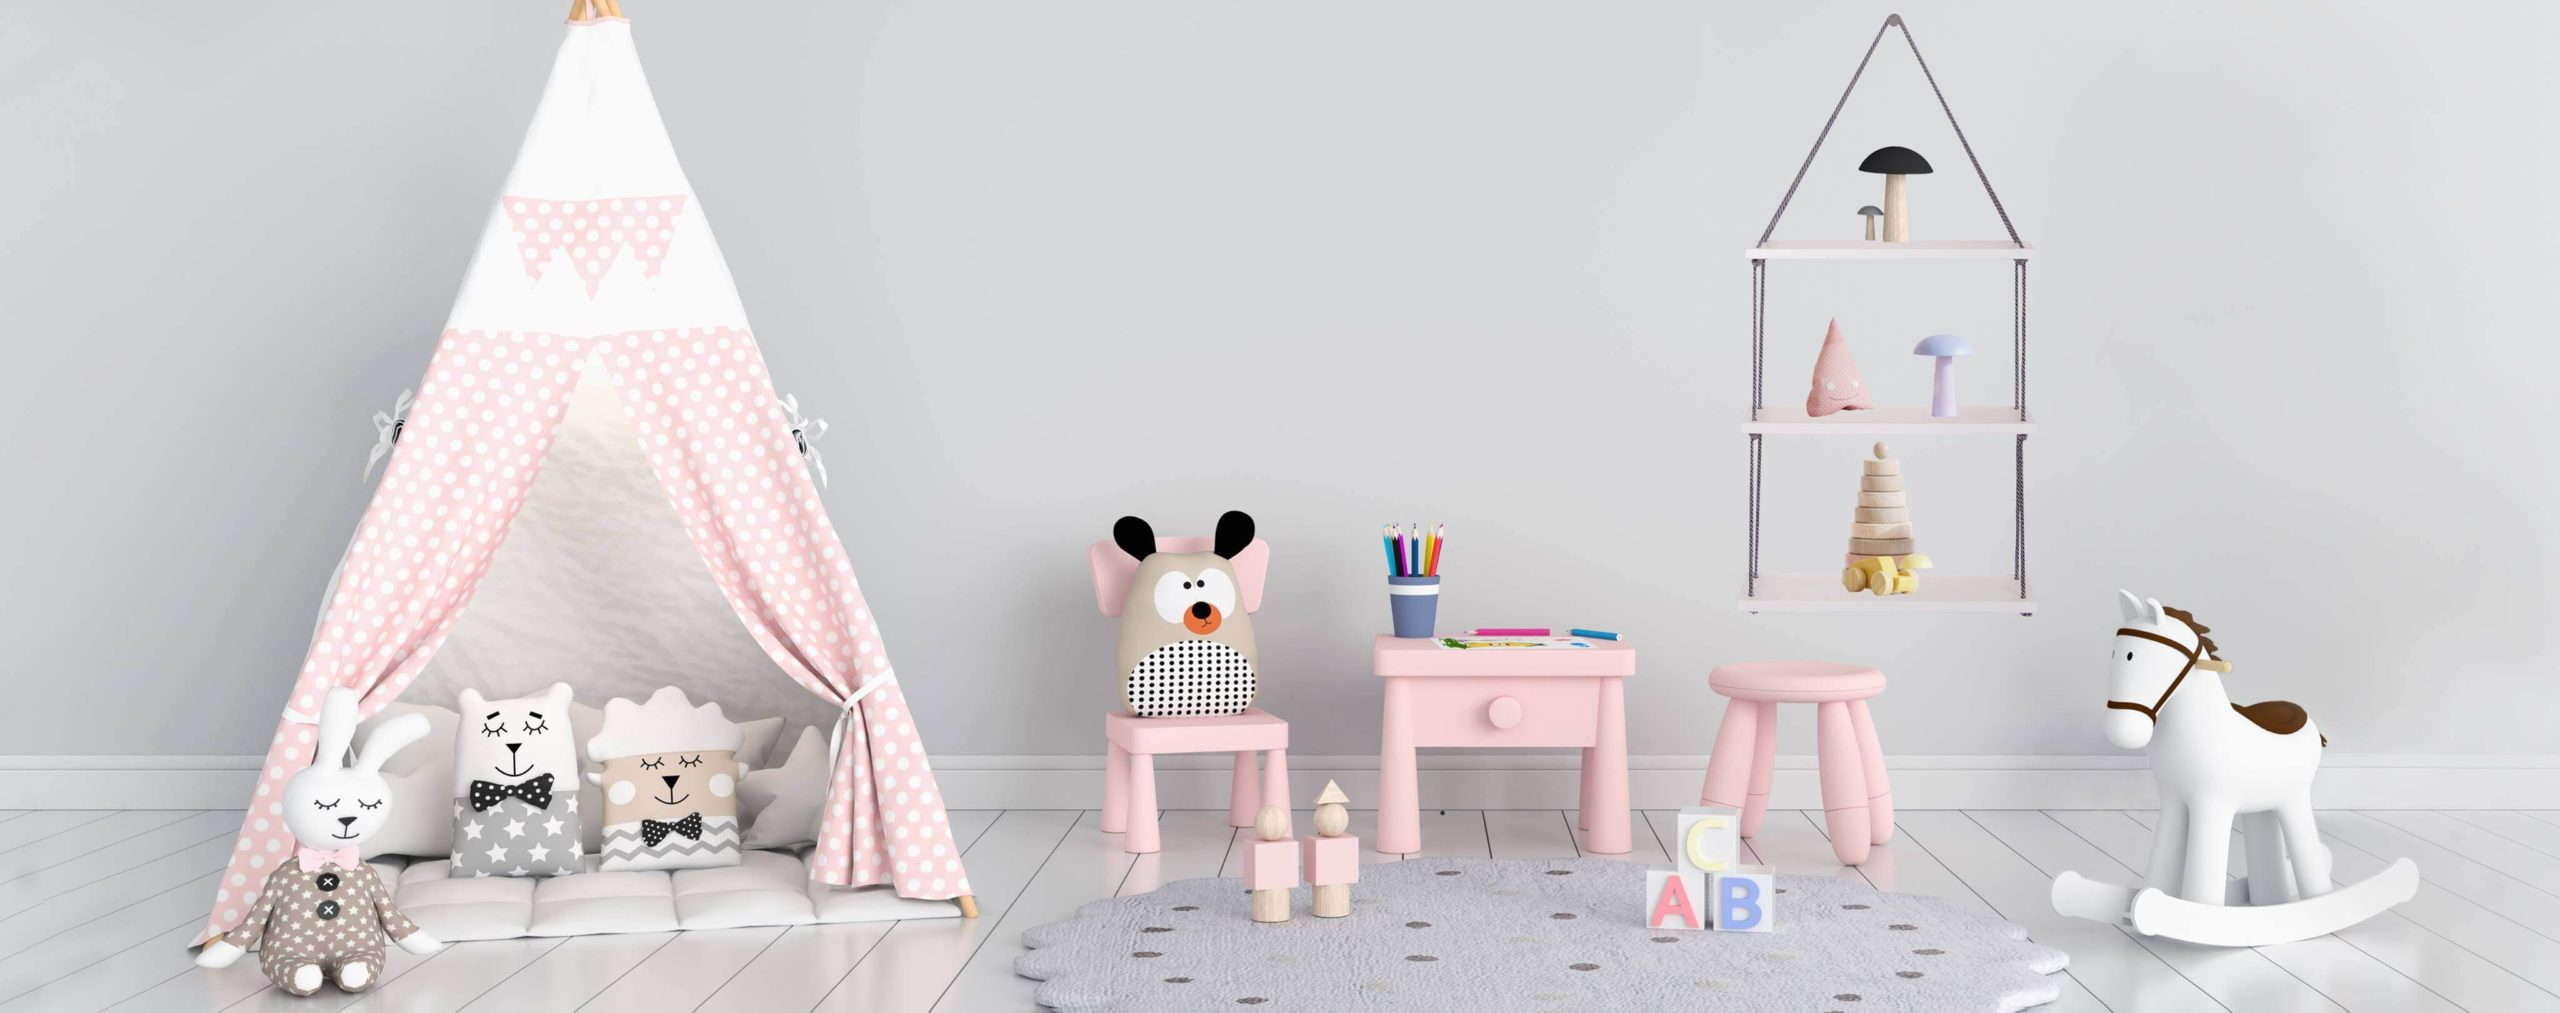 półka wisząca w pokoju dziewczynki